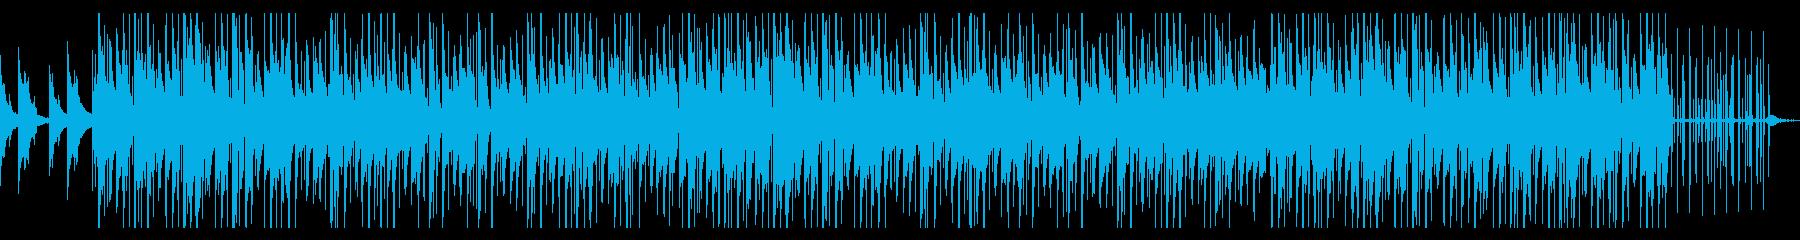 CM・映像等に おしゃれなヒップホップの再生済みの波形